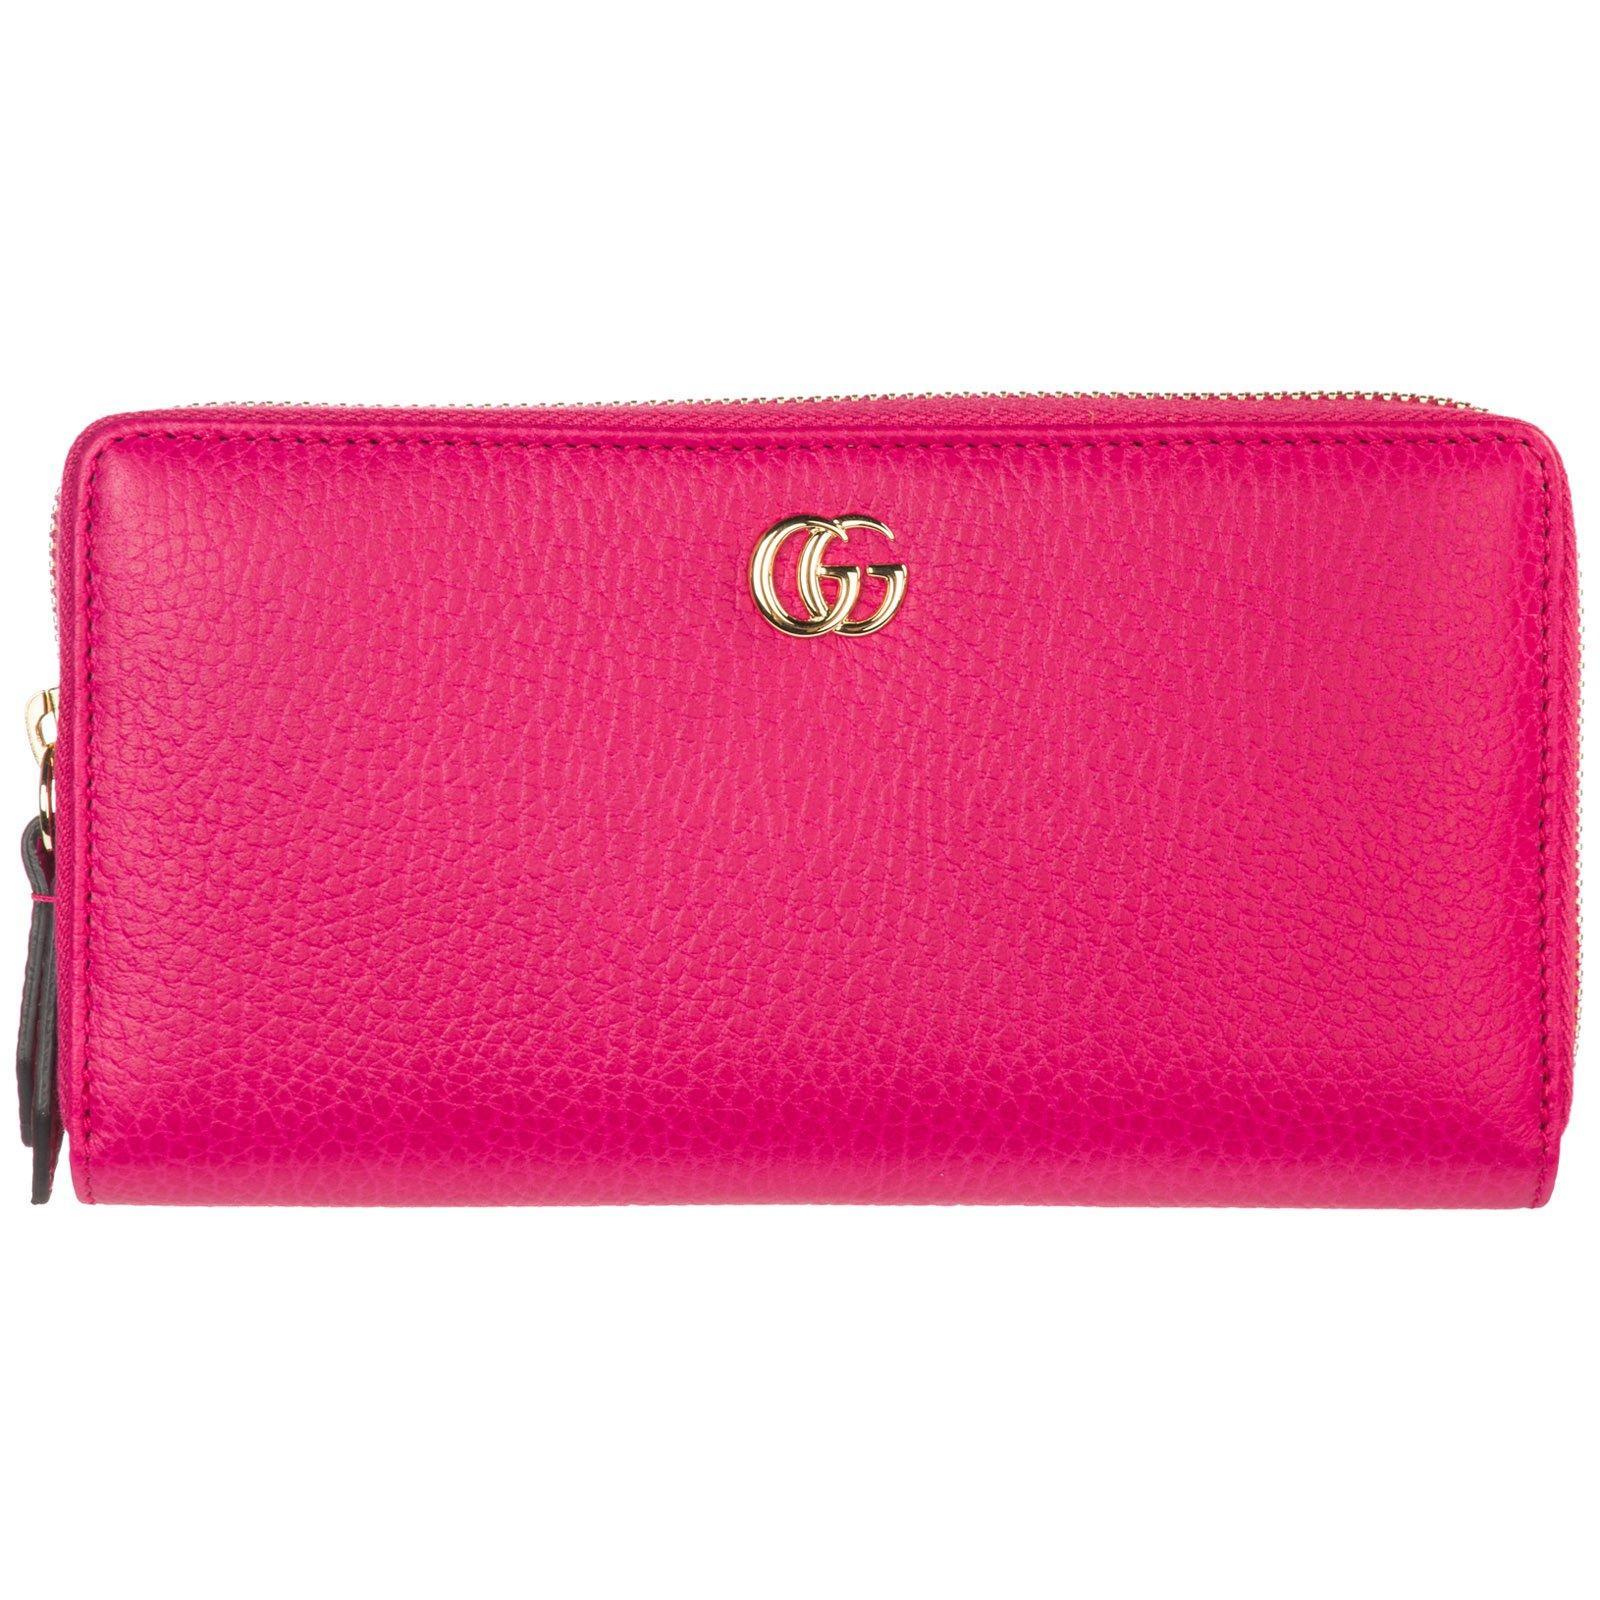 a967c29ef066 Lyst - Gucci Zip Around Wallet in Pink